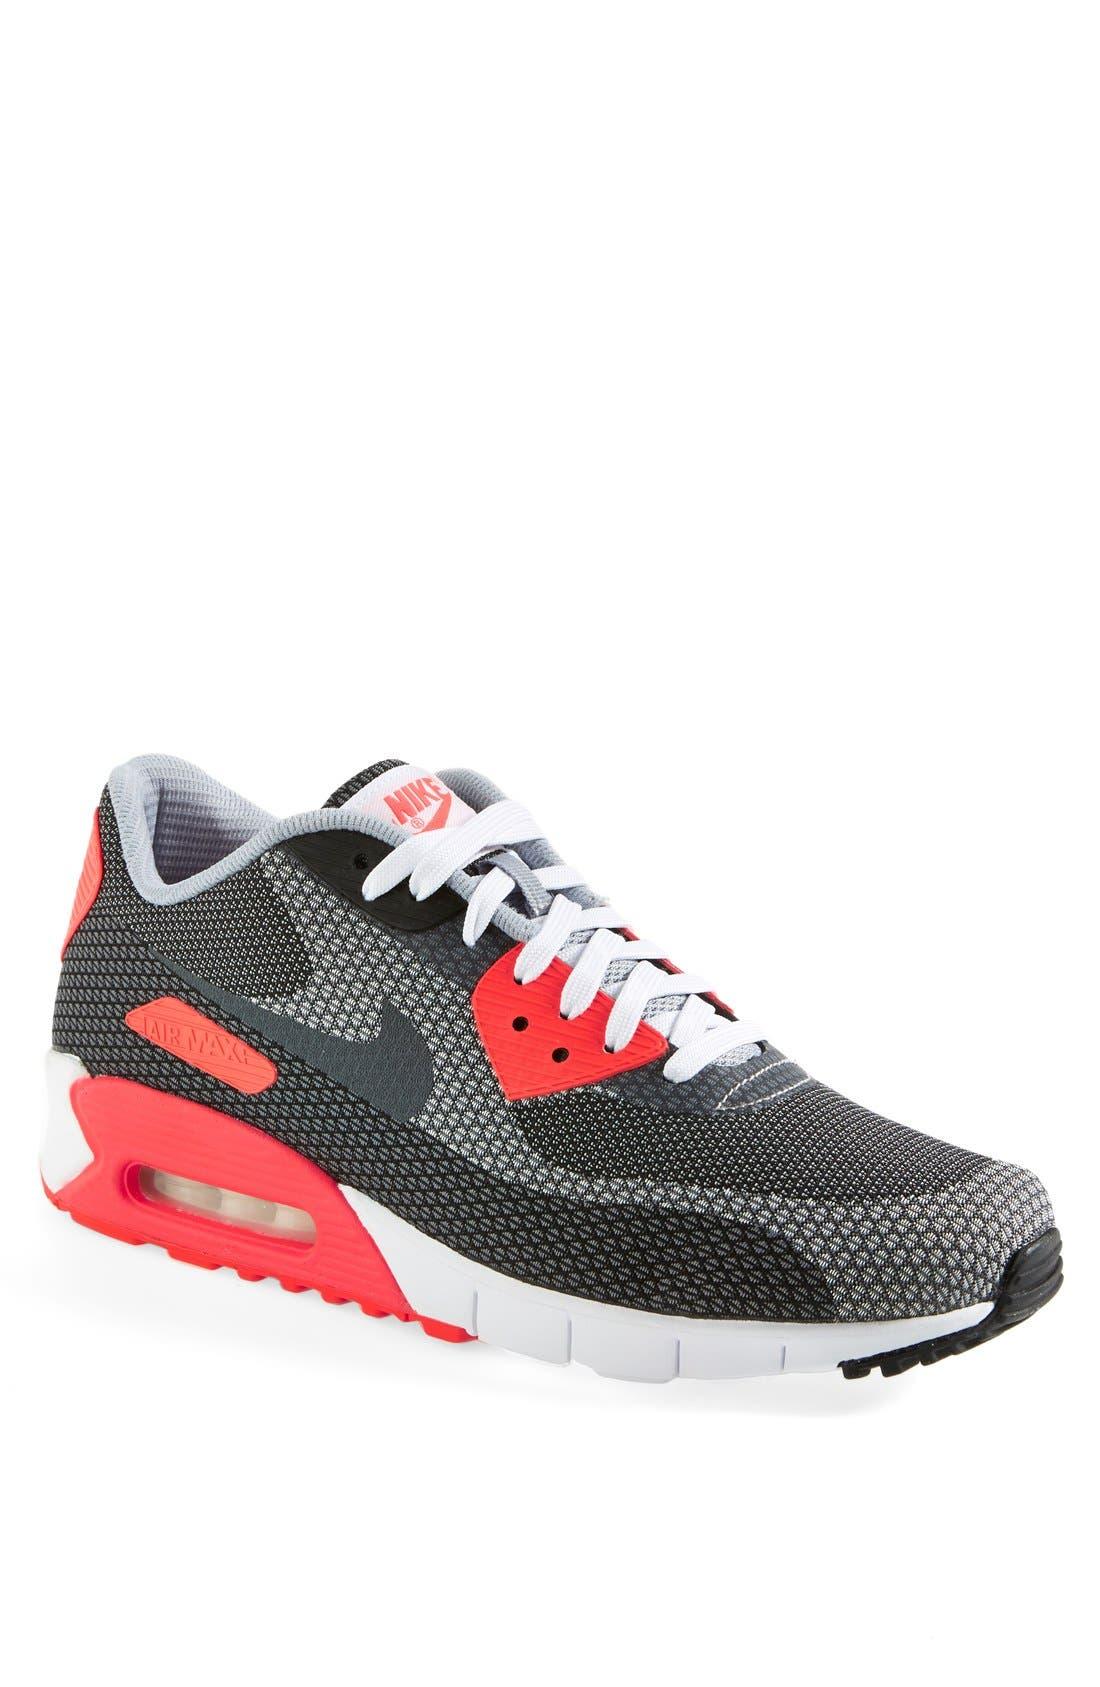 Main Image - Nike 'Air Max 90 Jacquard' (QS) Sneaker (Men)